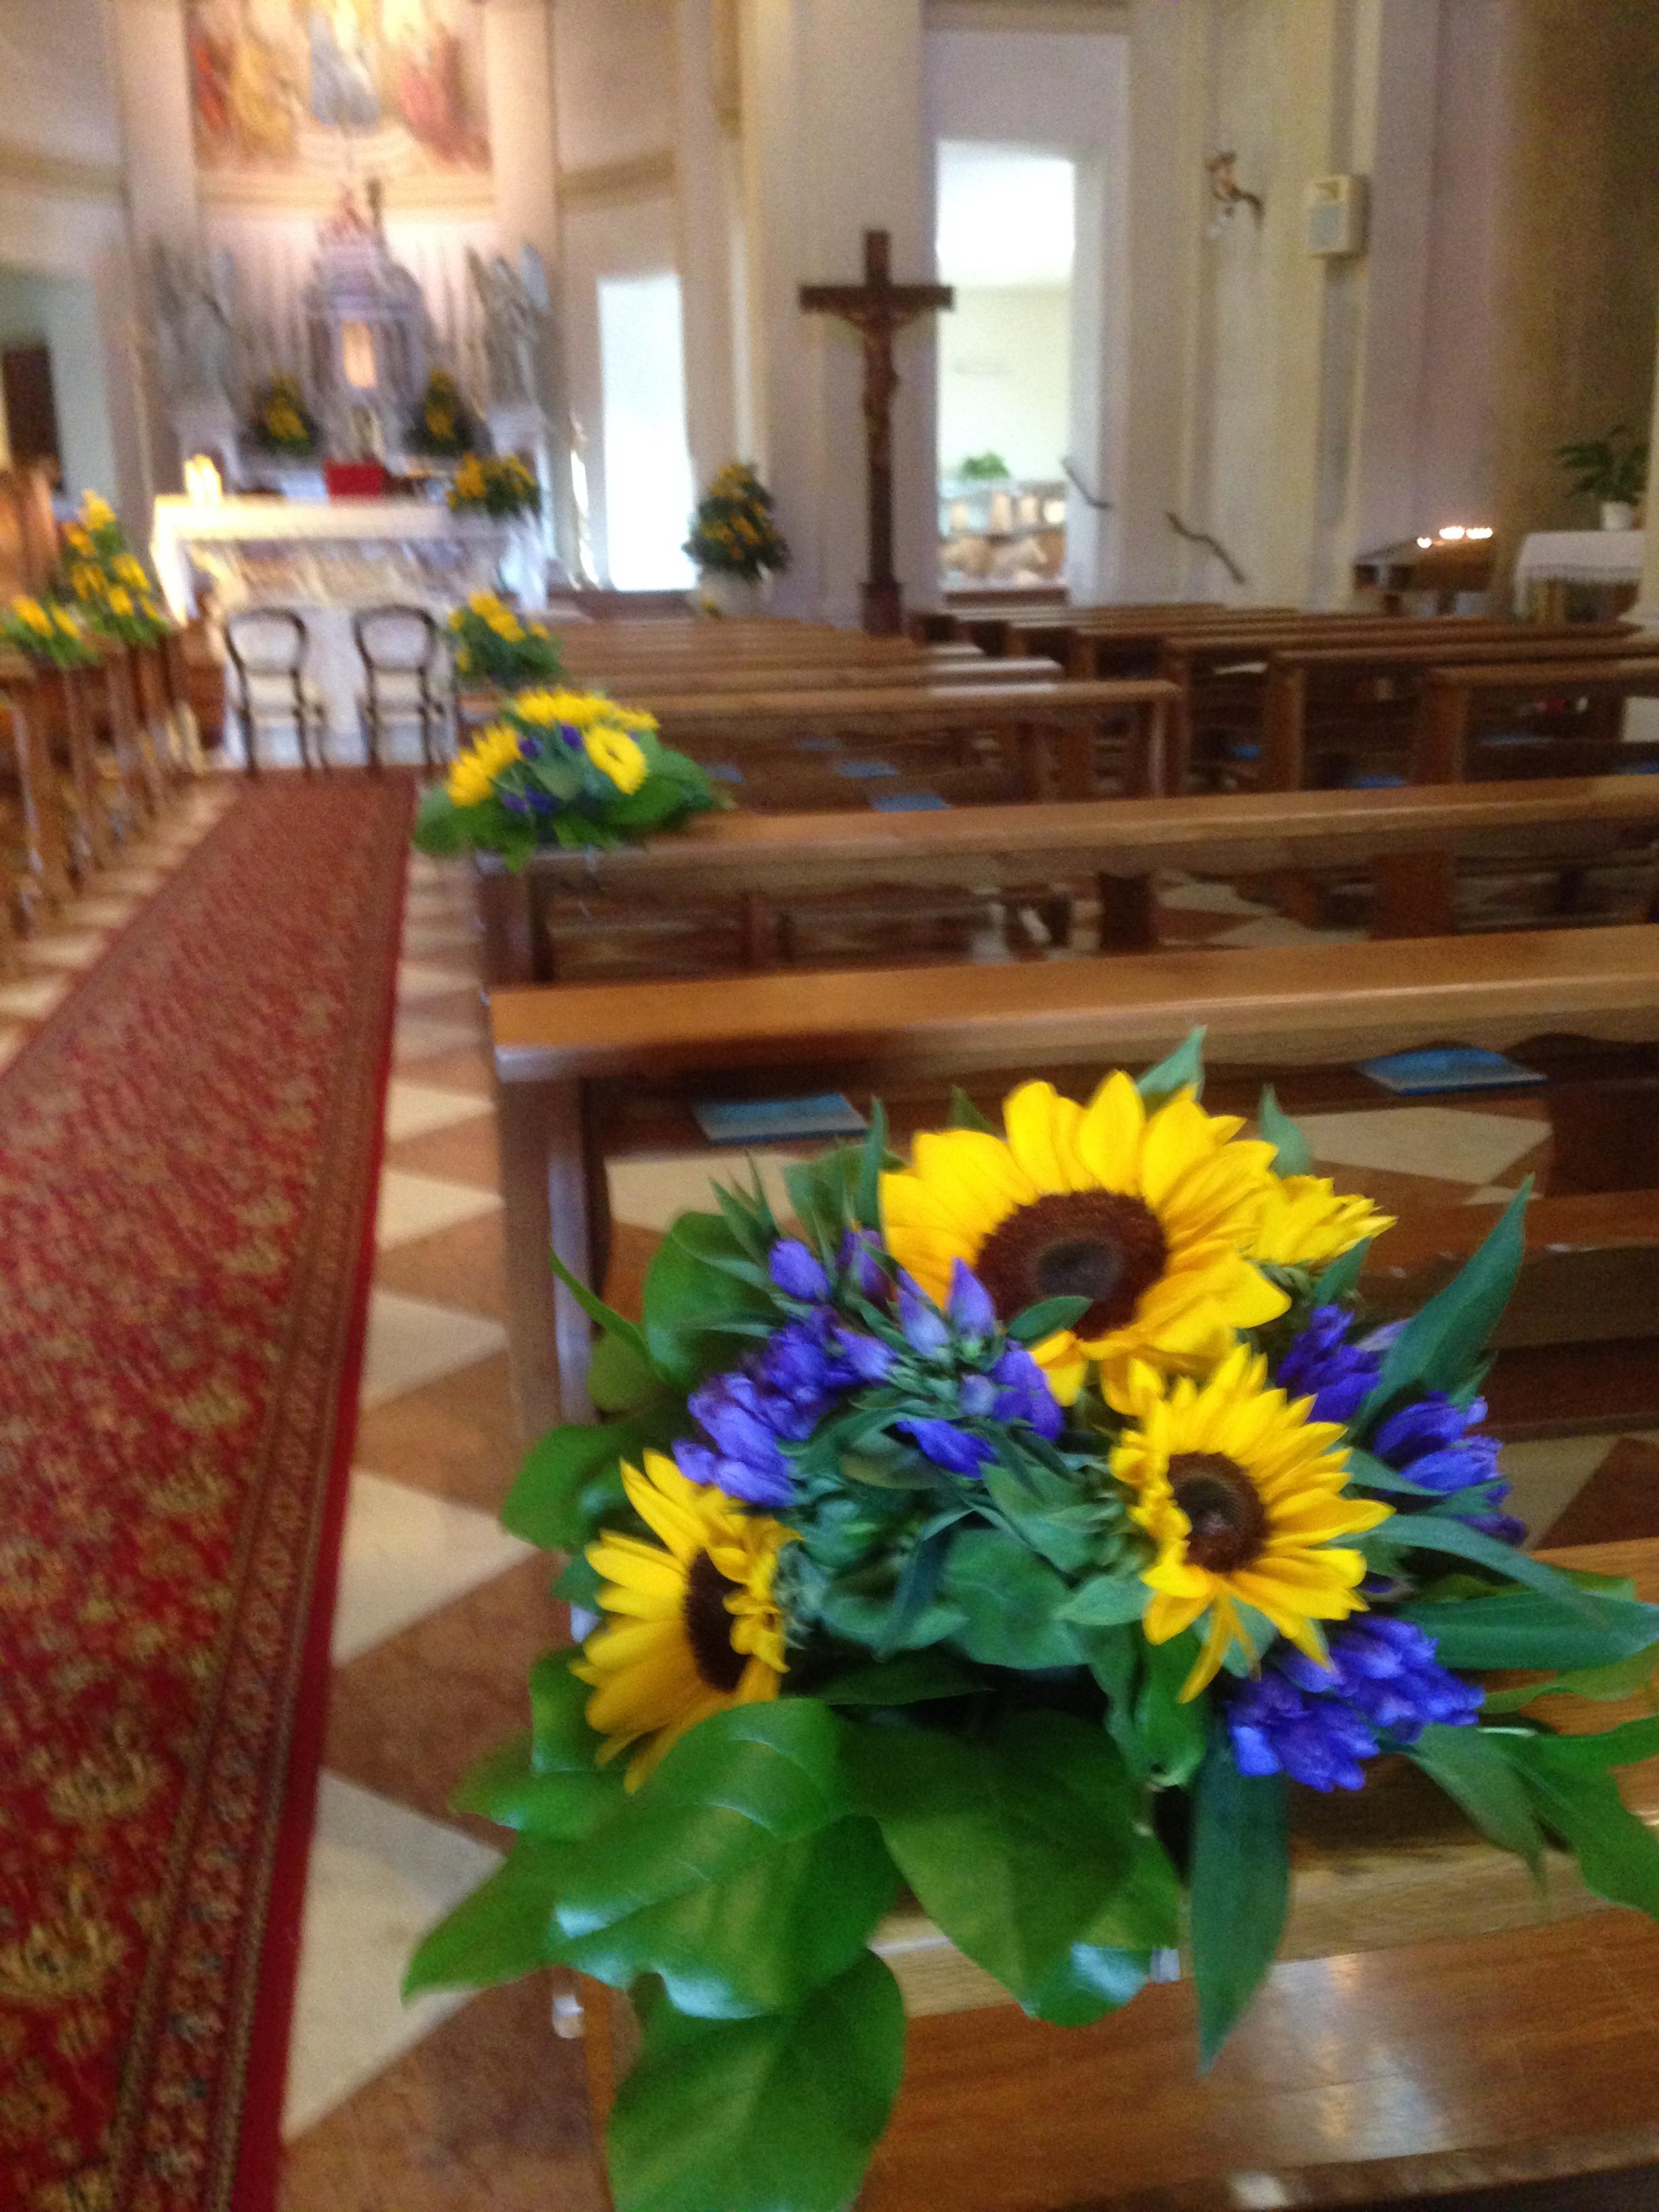 Centrotavola Con Girasoli Matrimonio : Il fiore di oggi la genziana e suo significato